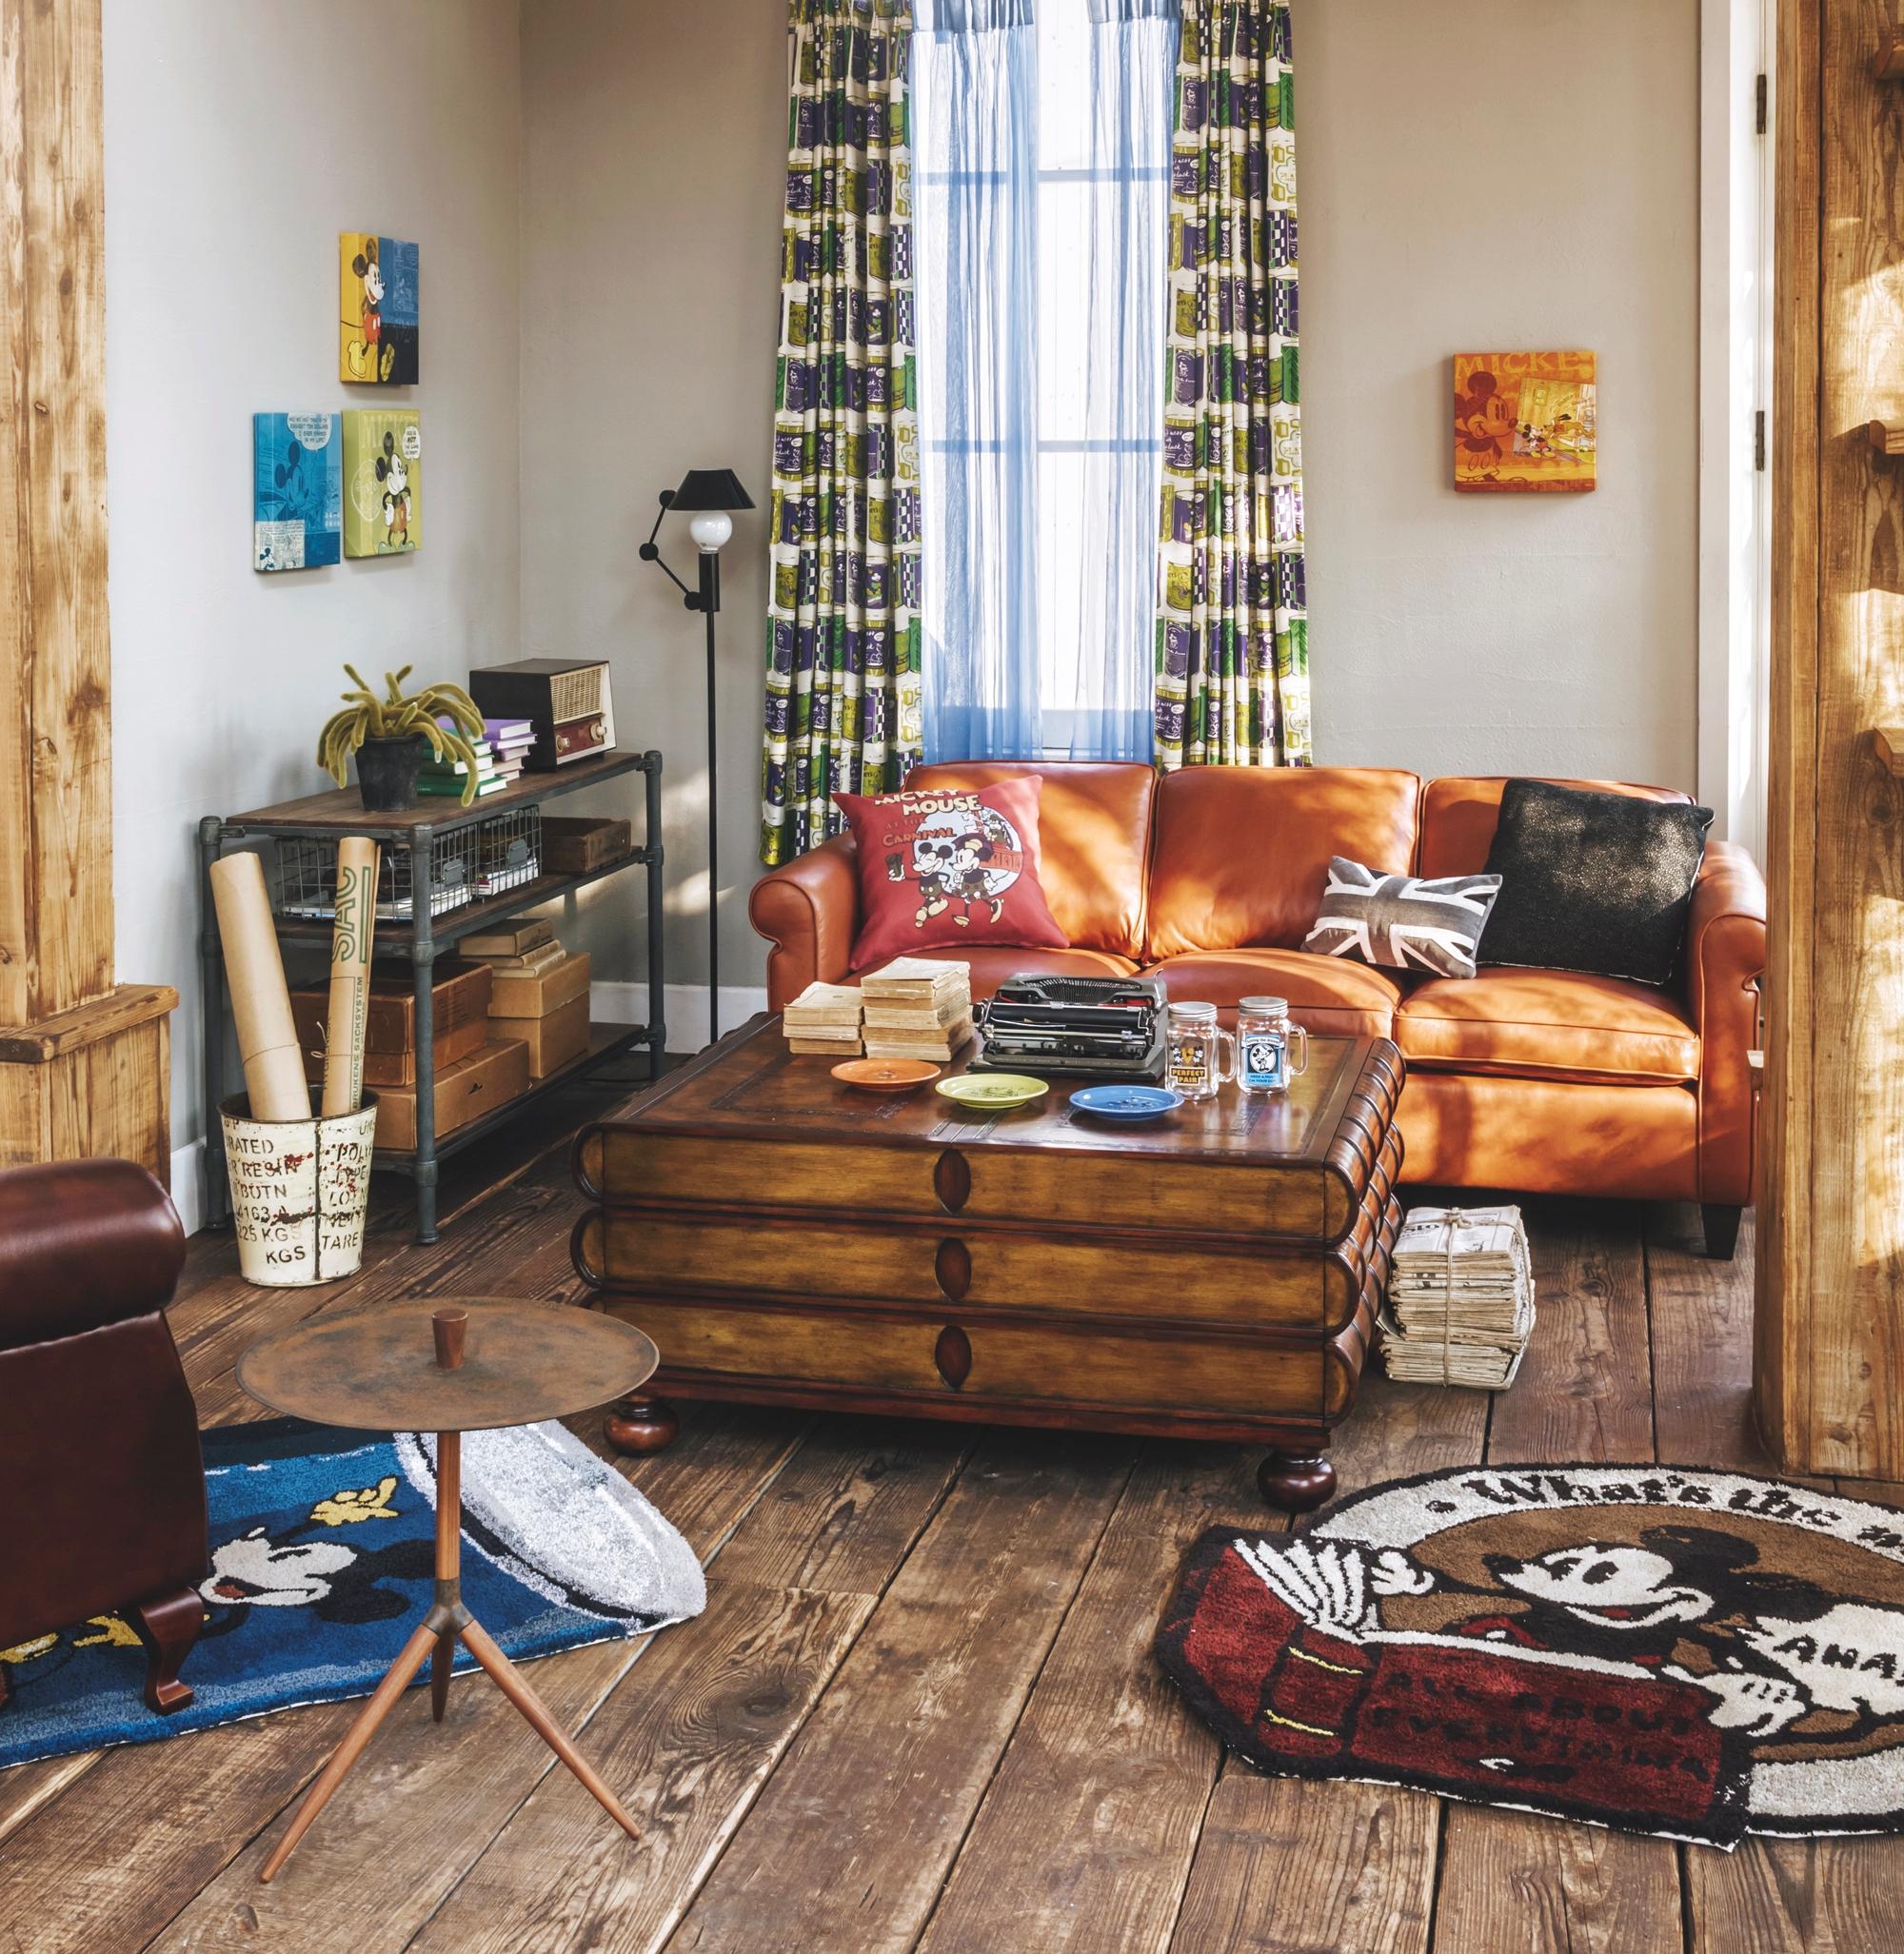 一人暮らしのインテリアとコーディネートの決め方: ディズニーで部屋をコーディネート 大塚家具がミッキーらの